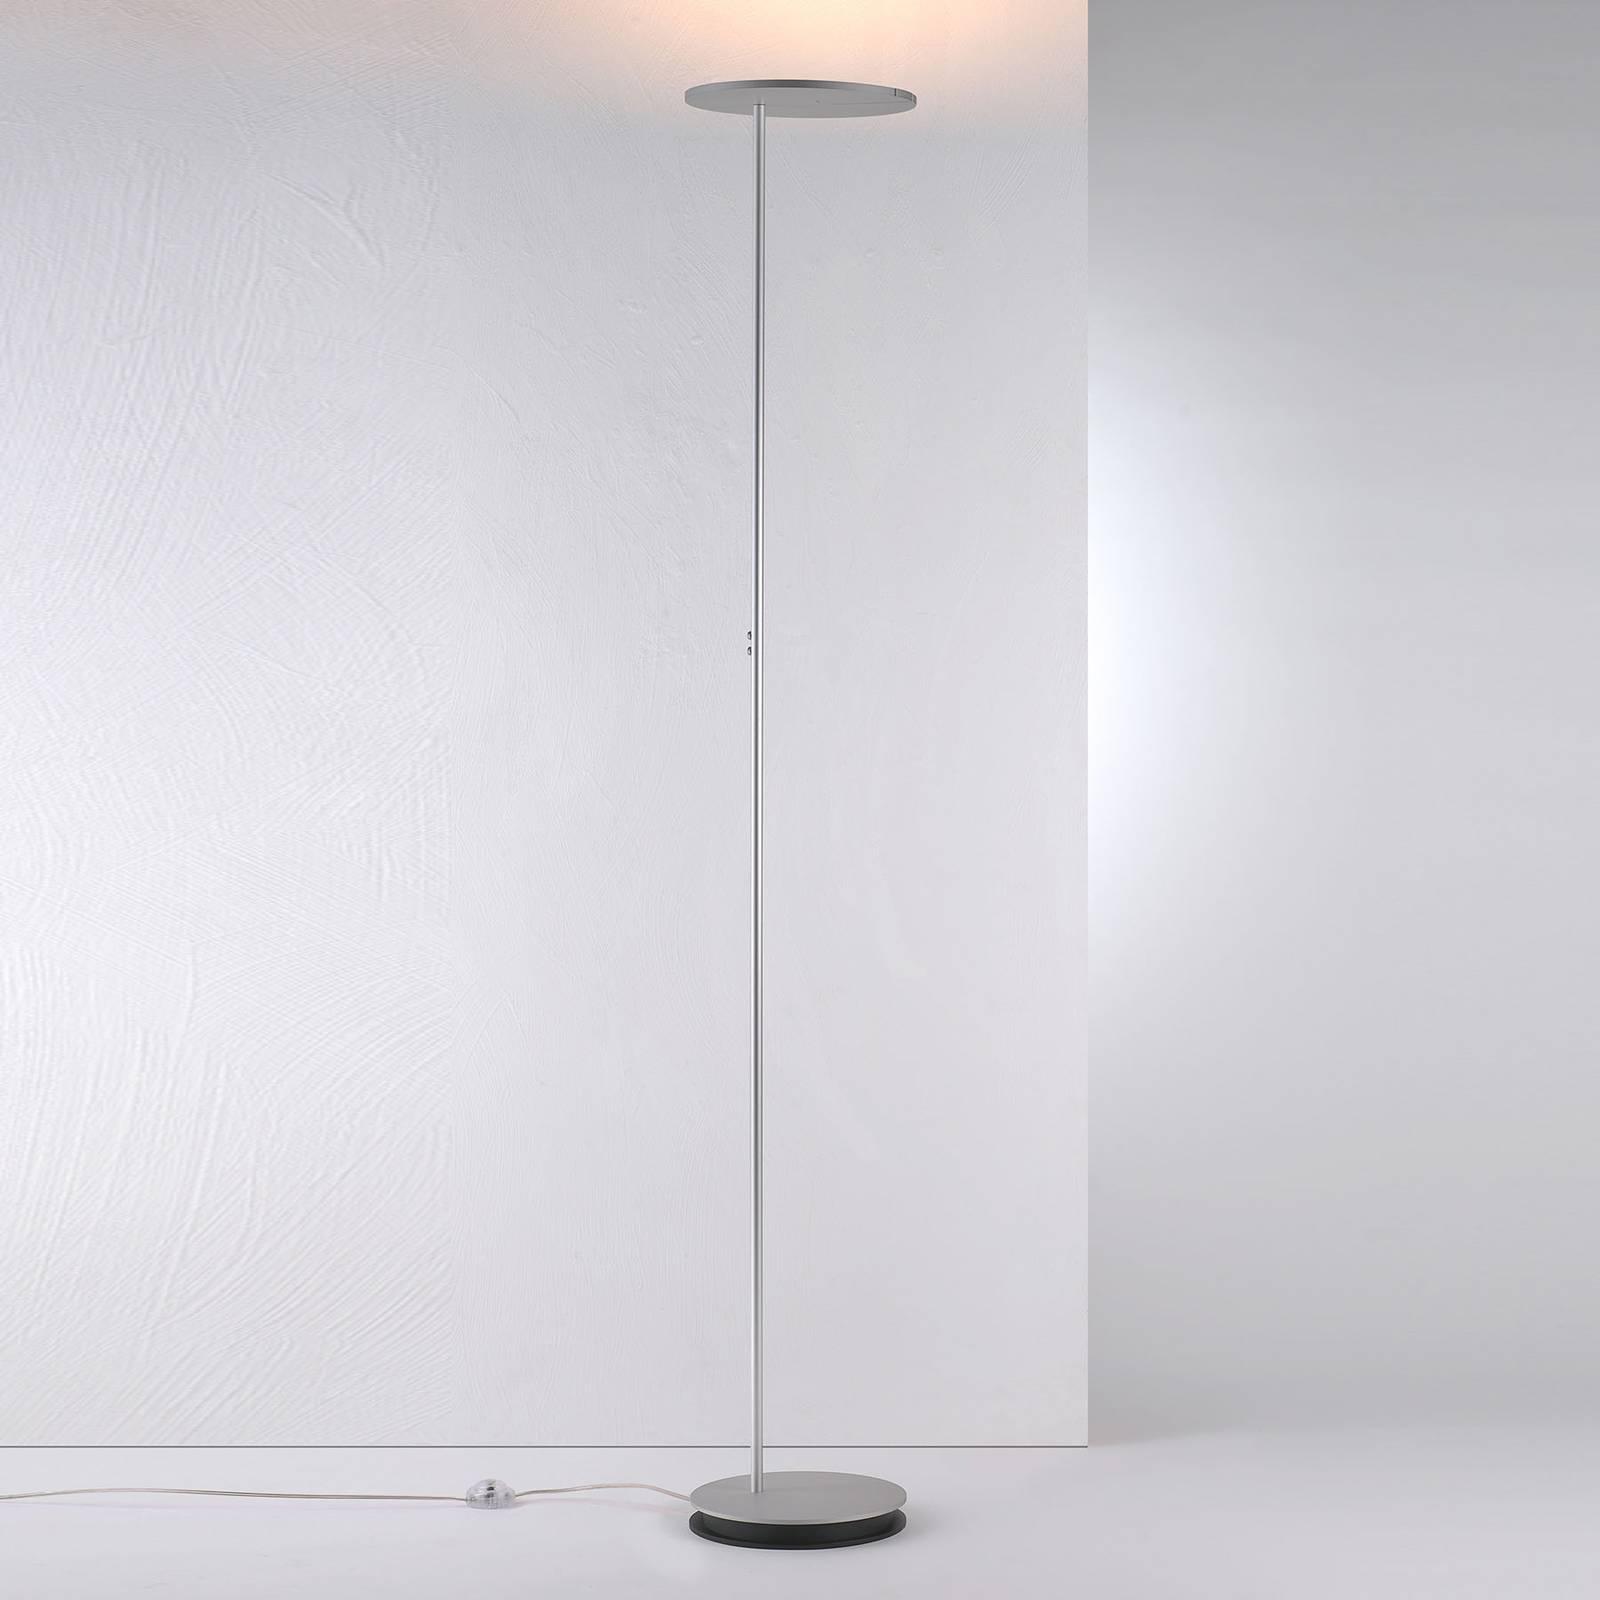 Bopp Share LED-ylävalaisin ja lukulamppu, alumiini